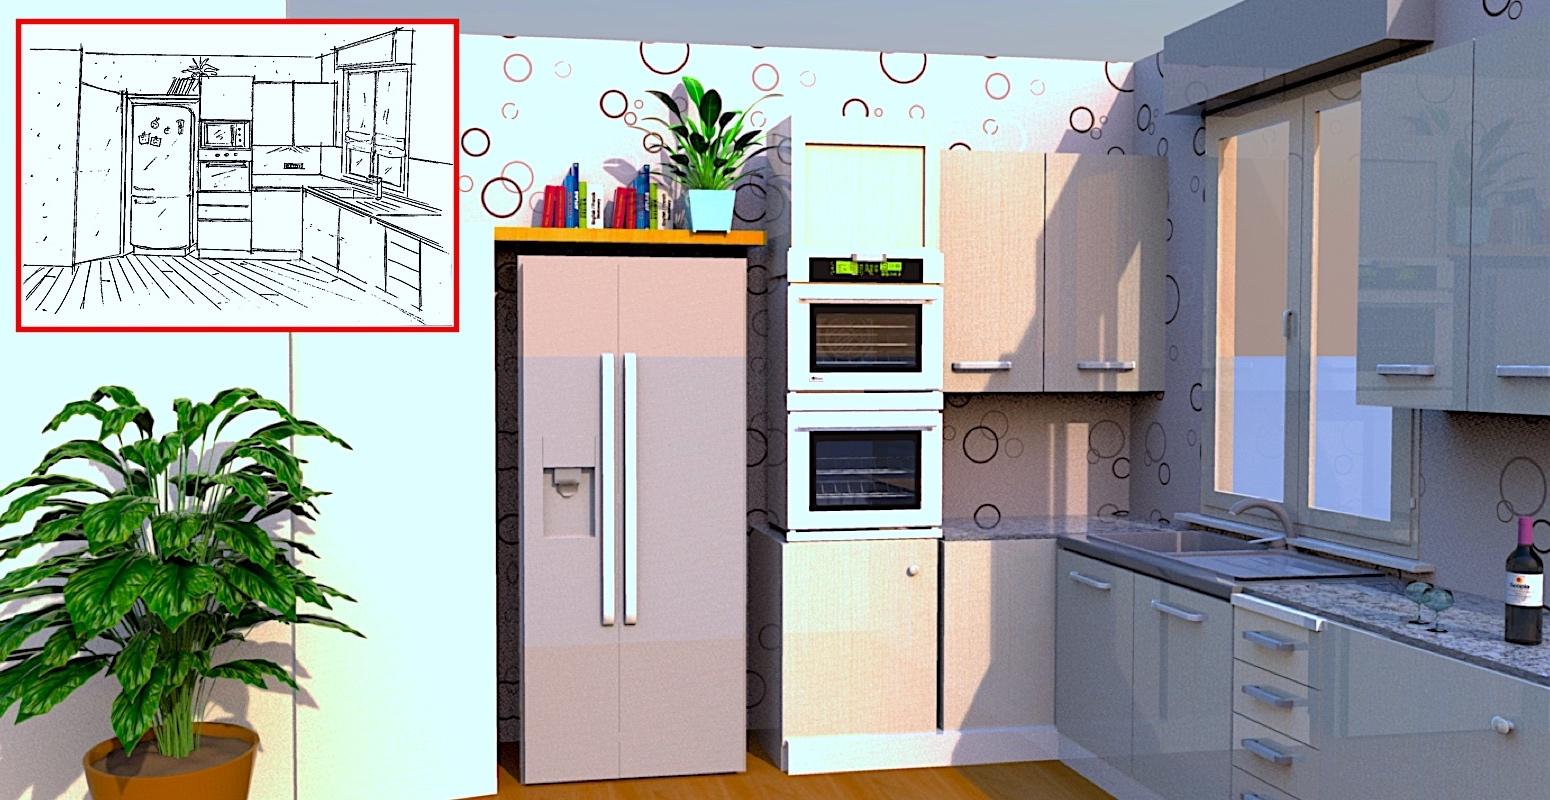 Progettazione d'interni, restyling, arredamento